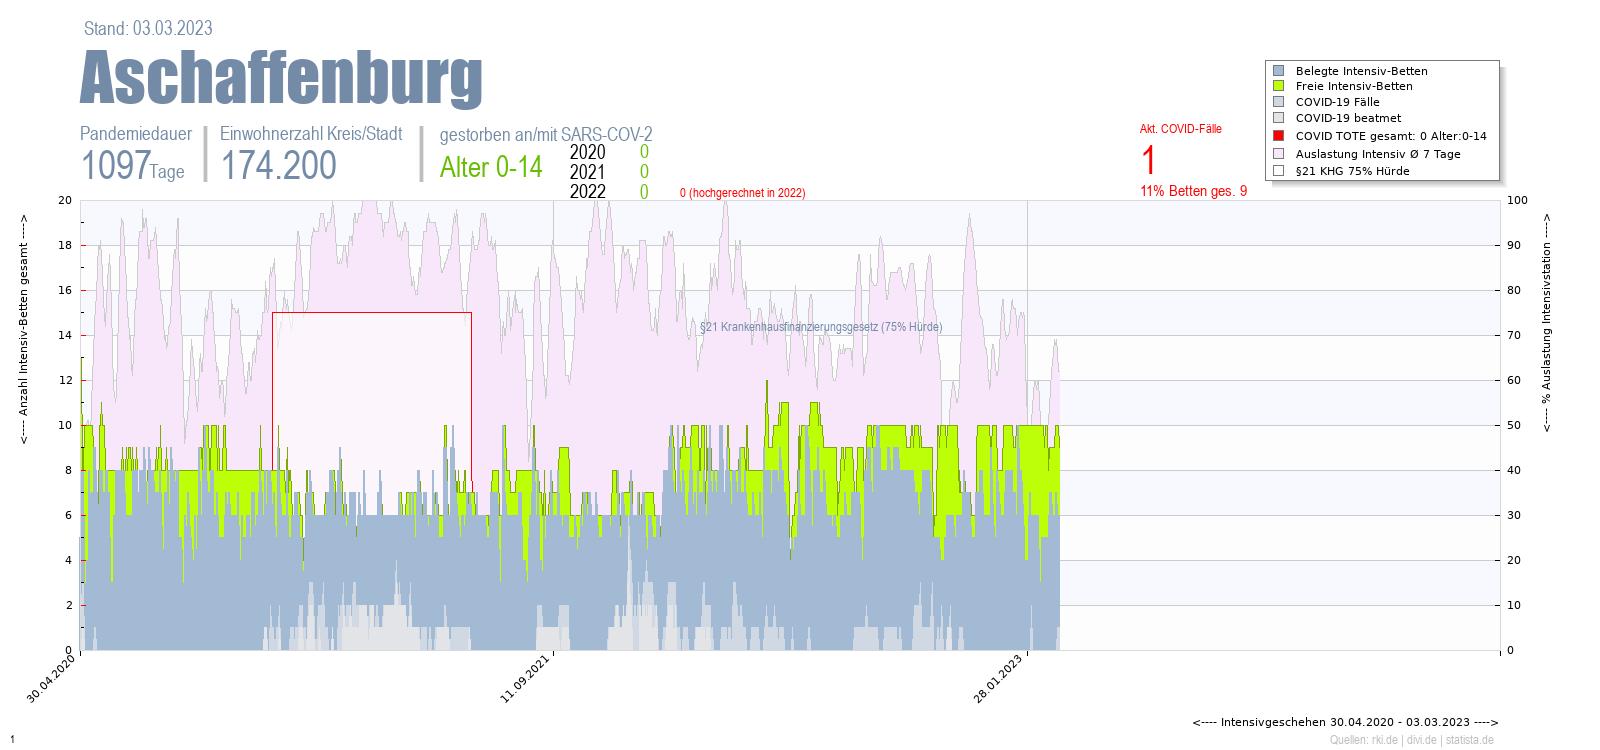 Intensivstation Auslastung Aschaffenburg Alter 0-4